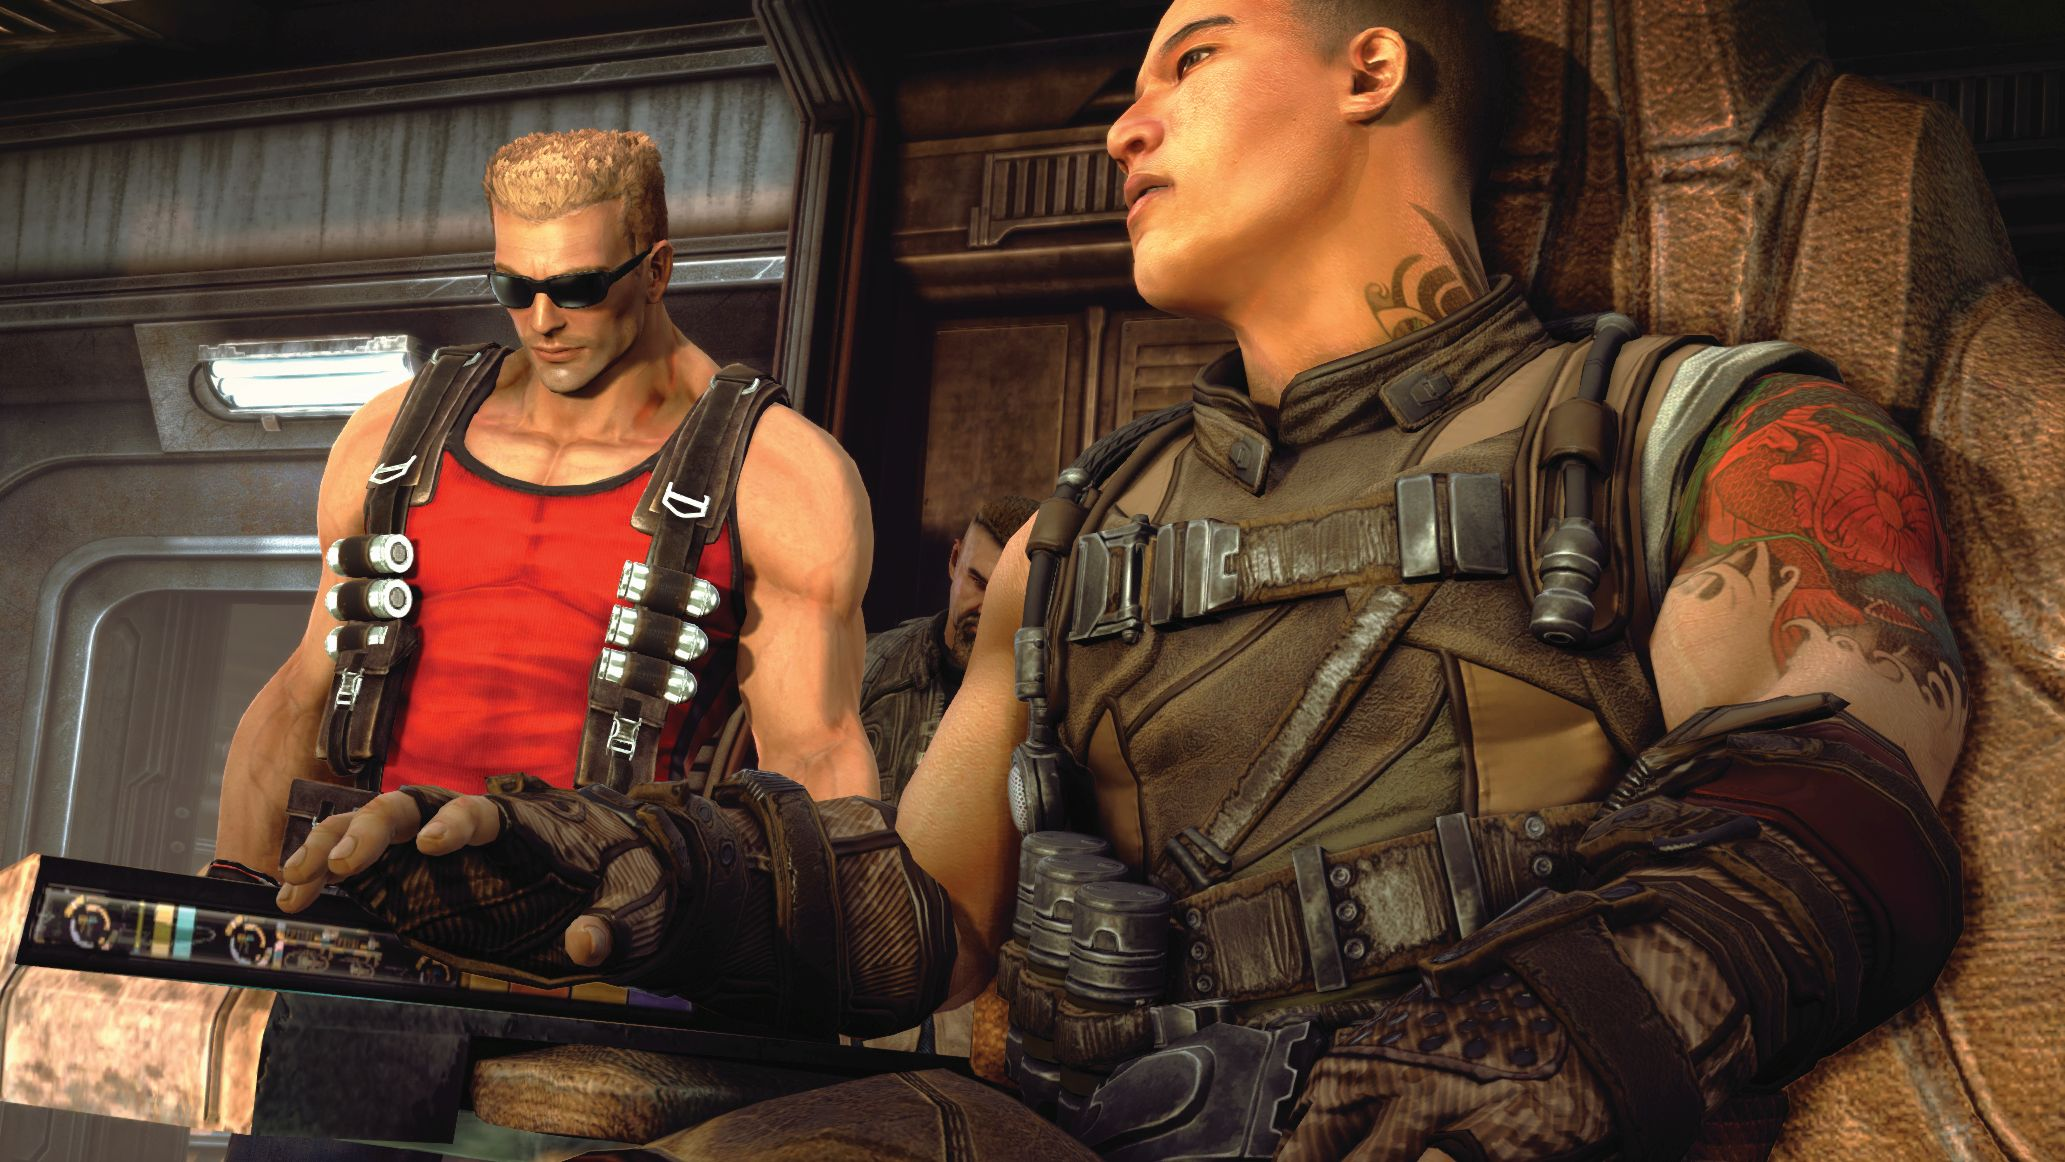 Chystá Gearbox oznámení nového Duke Nukem? Nebo snad Bulletstorm?